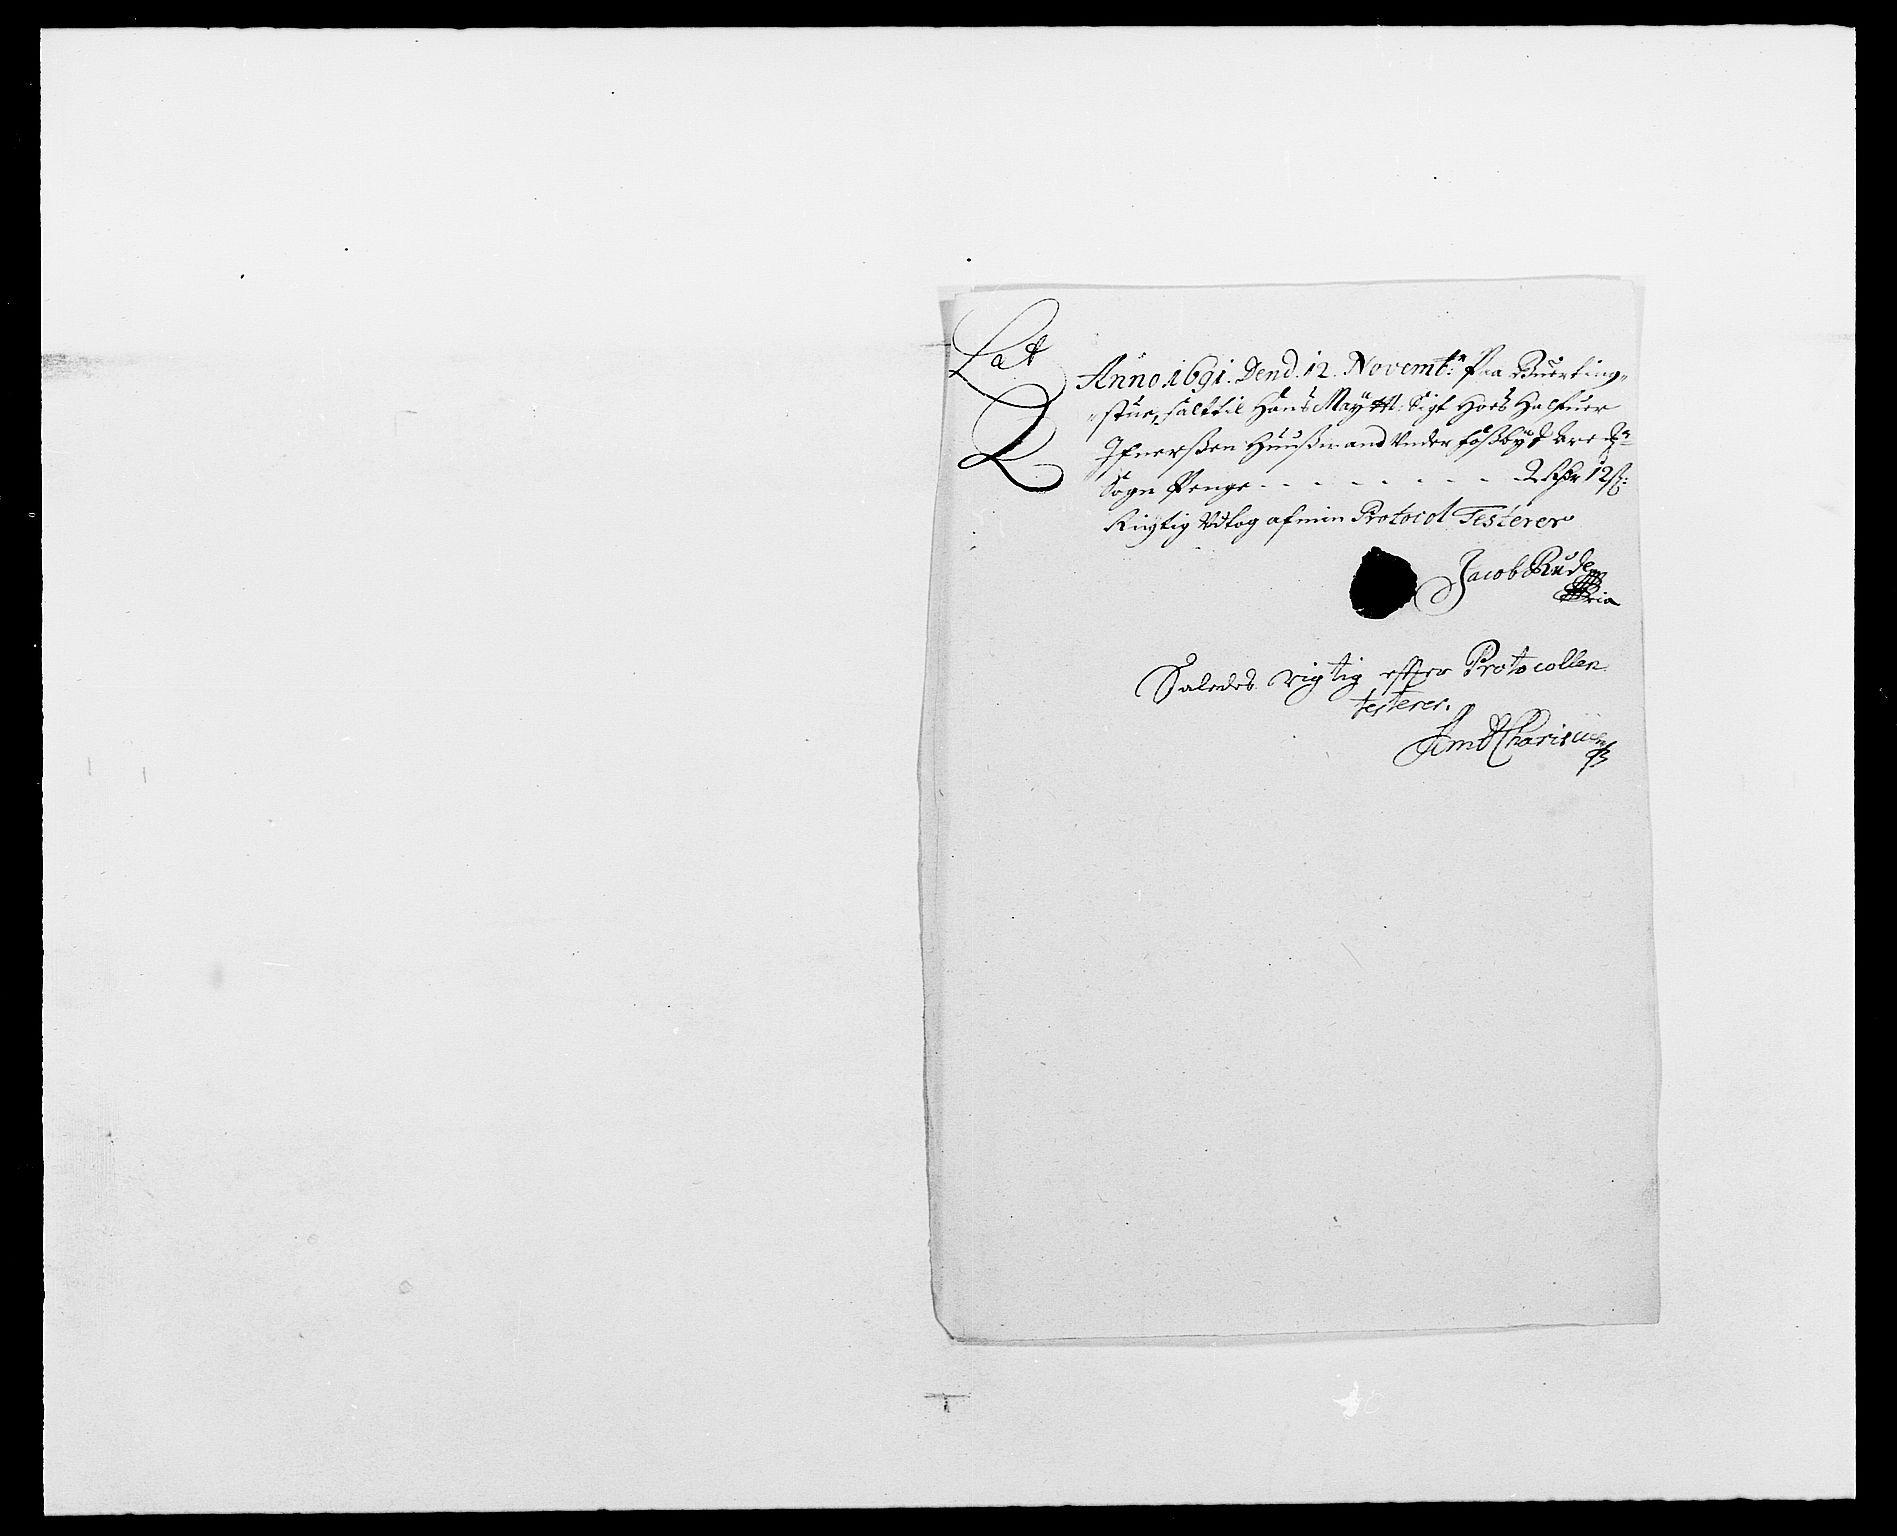 RA, Rentekammeret inntil 1814, Reviderte regnskaper, Fogderegnskap, R01/L0010: Fogderegnskap Idd og Marker, 1690-1691, s. 330